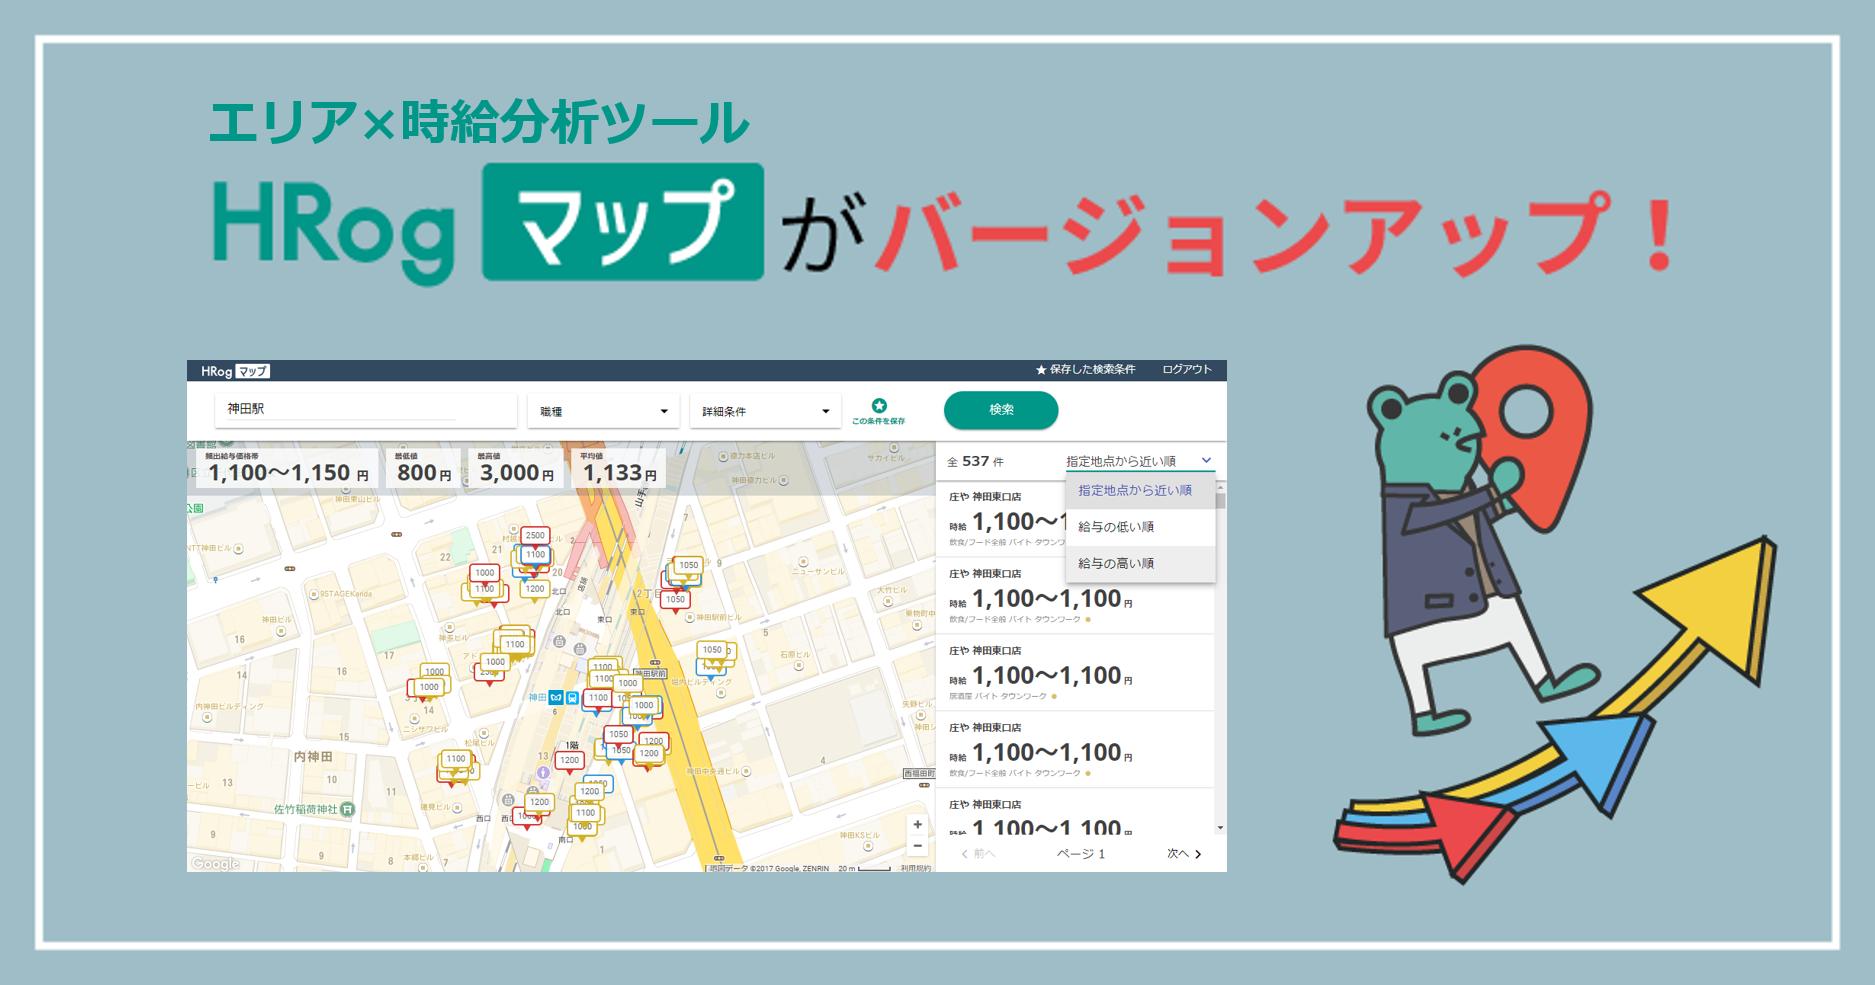 エリア×時給分析ツール「HRogマップ」がさらにバージョンアップ!